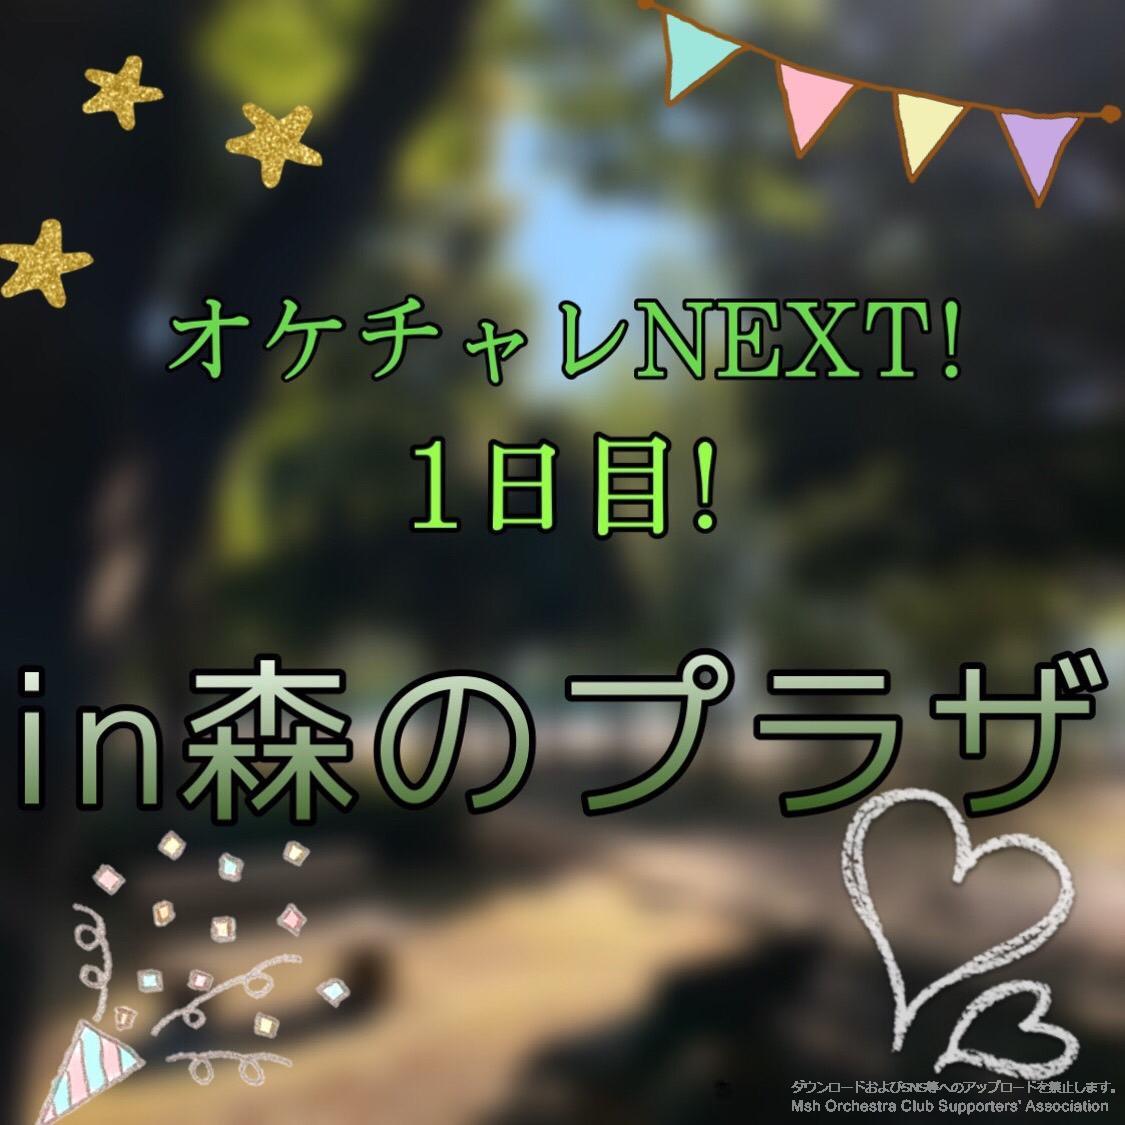 オケチャレNEXT!1日目(オケチャレ&オケチャレNEXT)